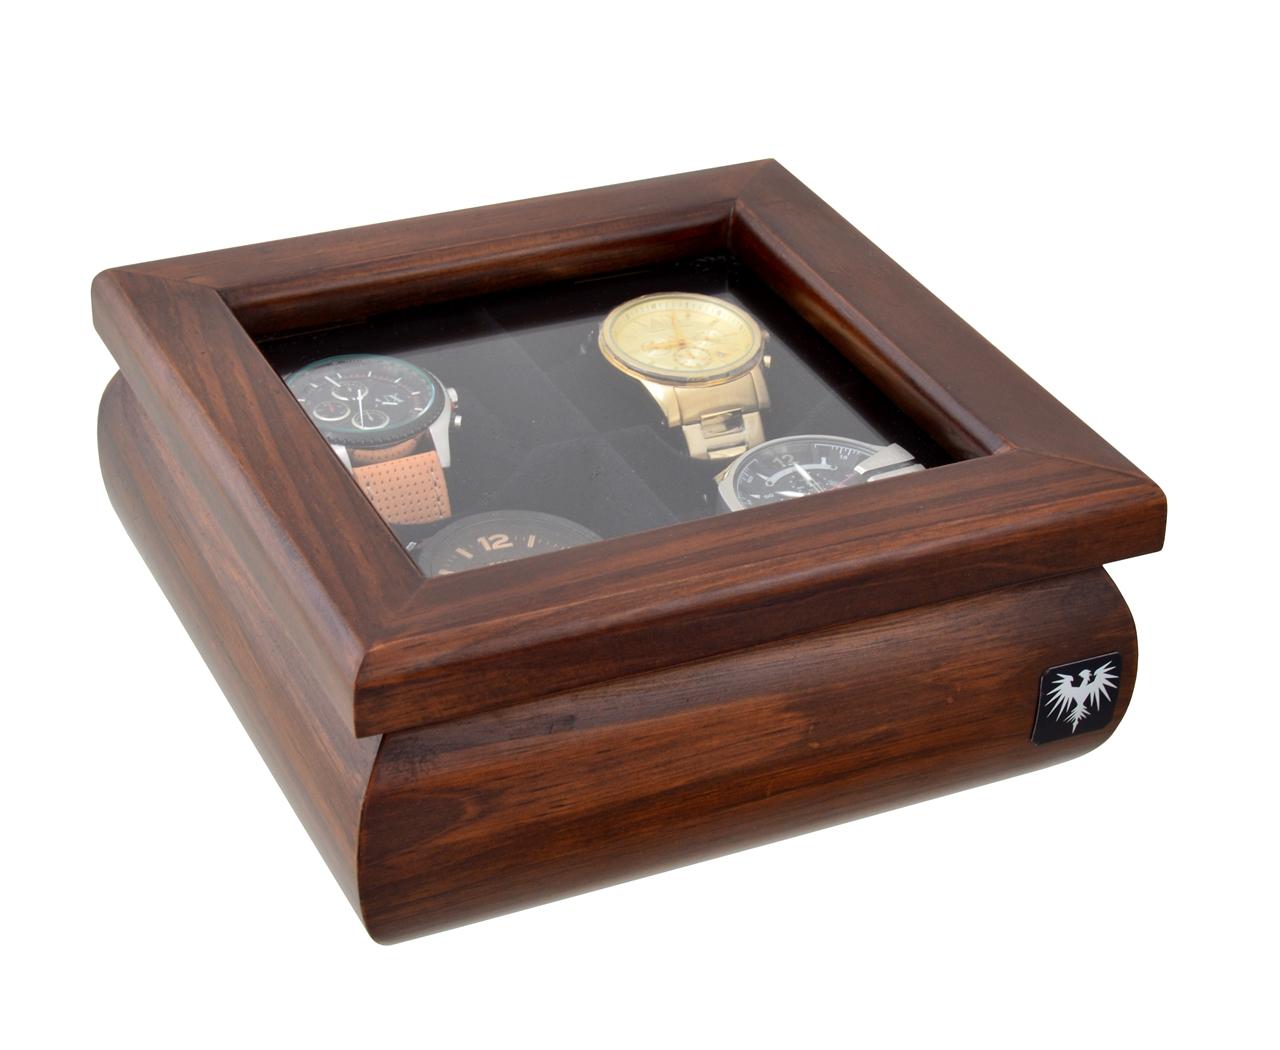 estojo-porta-relogio-4-nichos-madeira-macica-oval-tabaco-preto-2x2-imagem-2.JPG